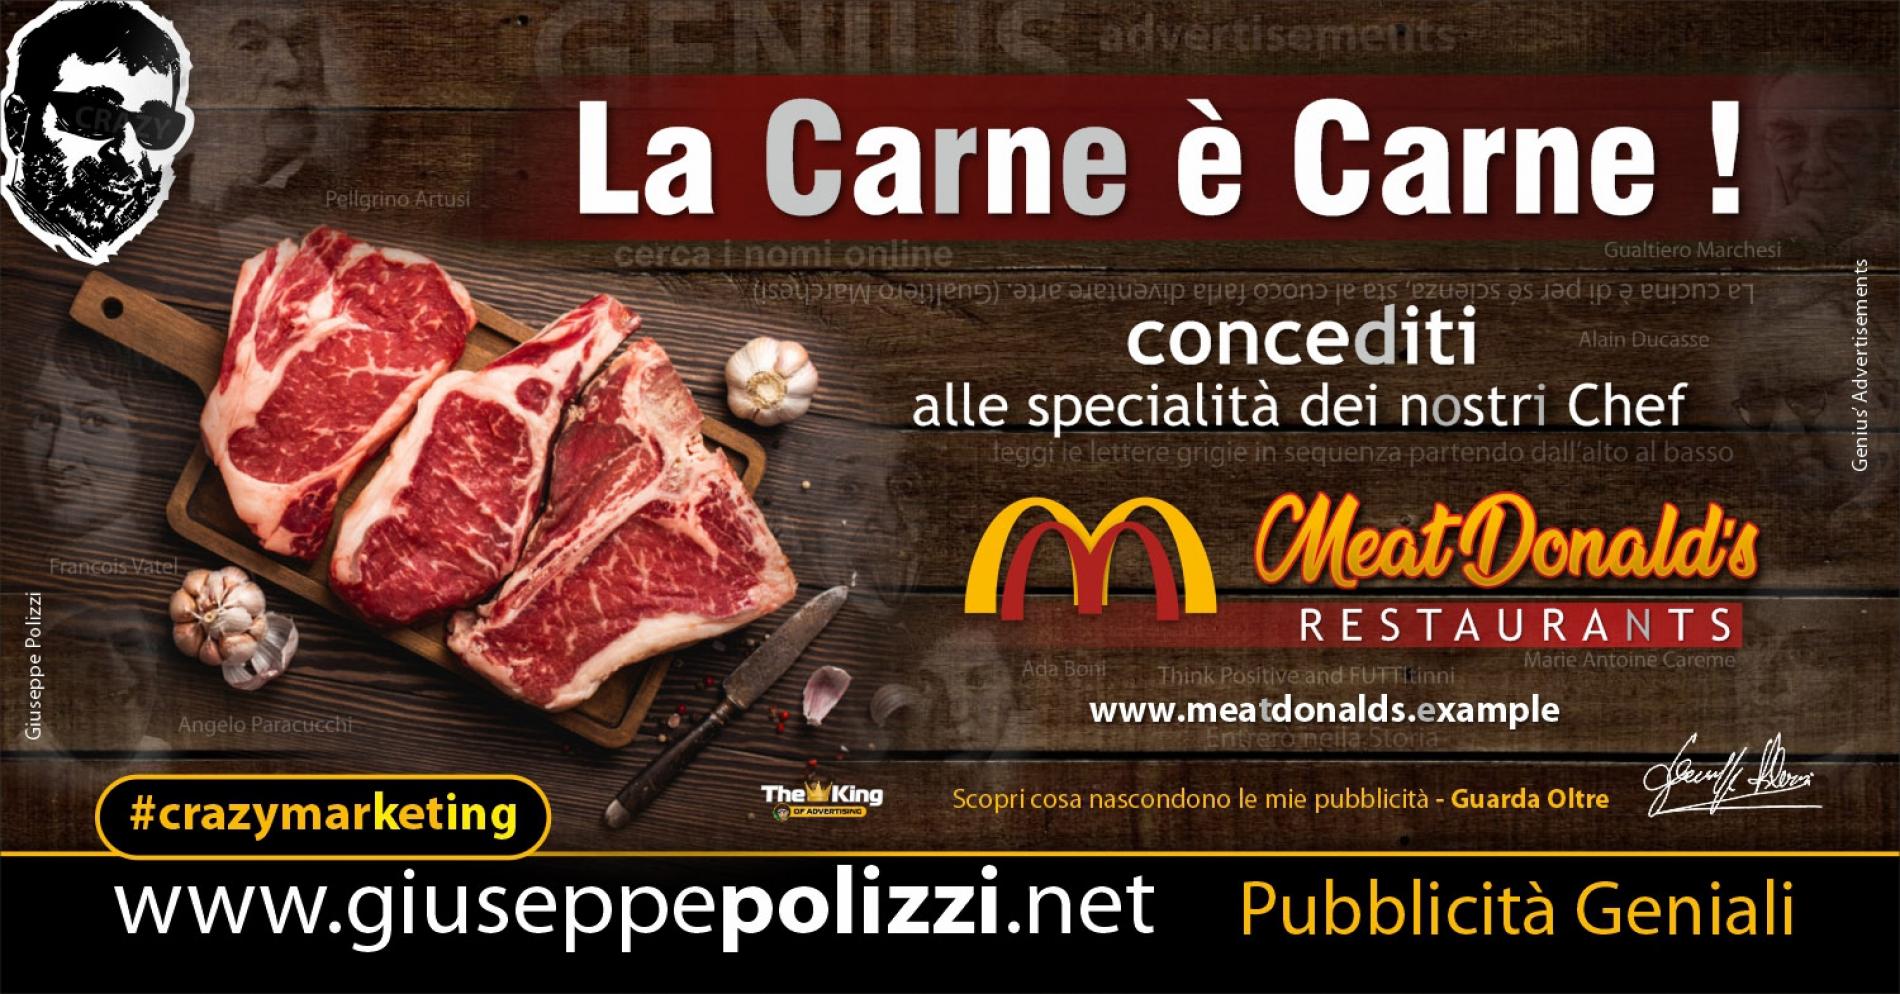 Giuseppe Polizzi crazymarketing La Carne è Carne pubblicità geniali